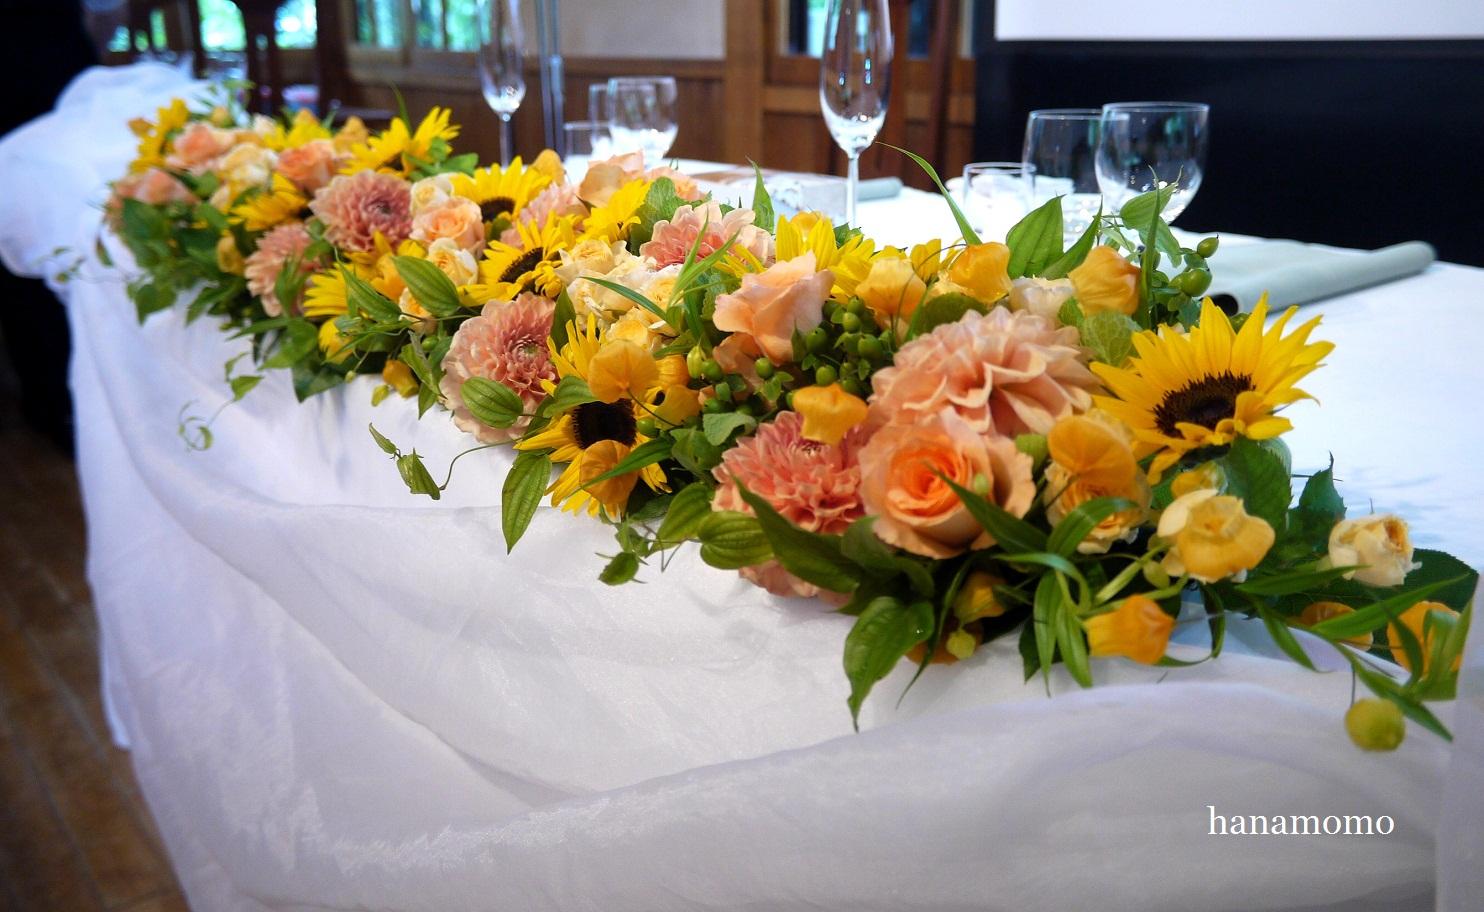 本日のすいぎょく様での結婚式の会場装花はヒマワリ・ダリア・バラ・サンダーソニア等元気いっぱいビタミンカラーのメインテーブル装花